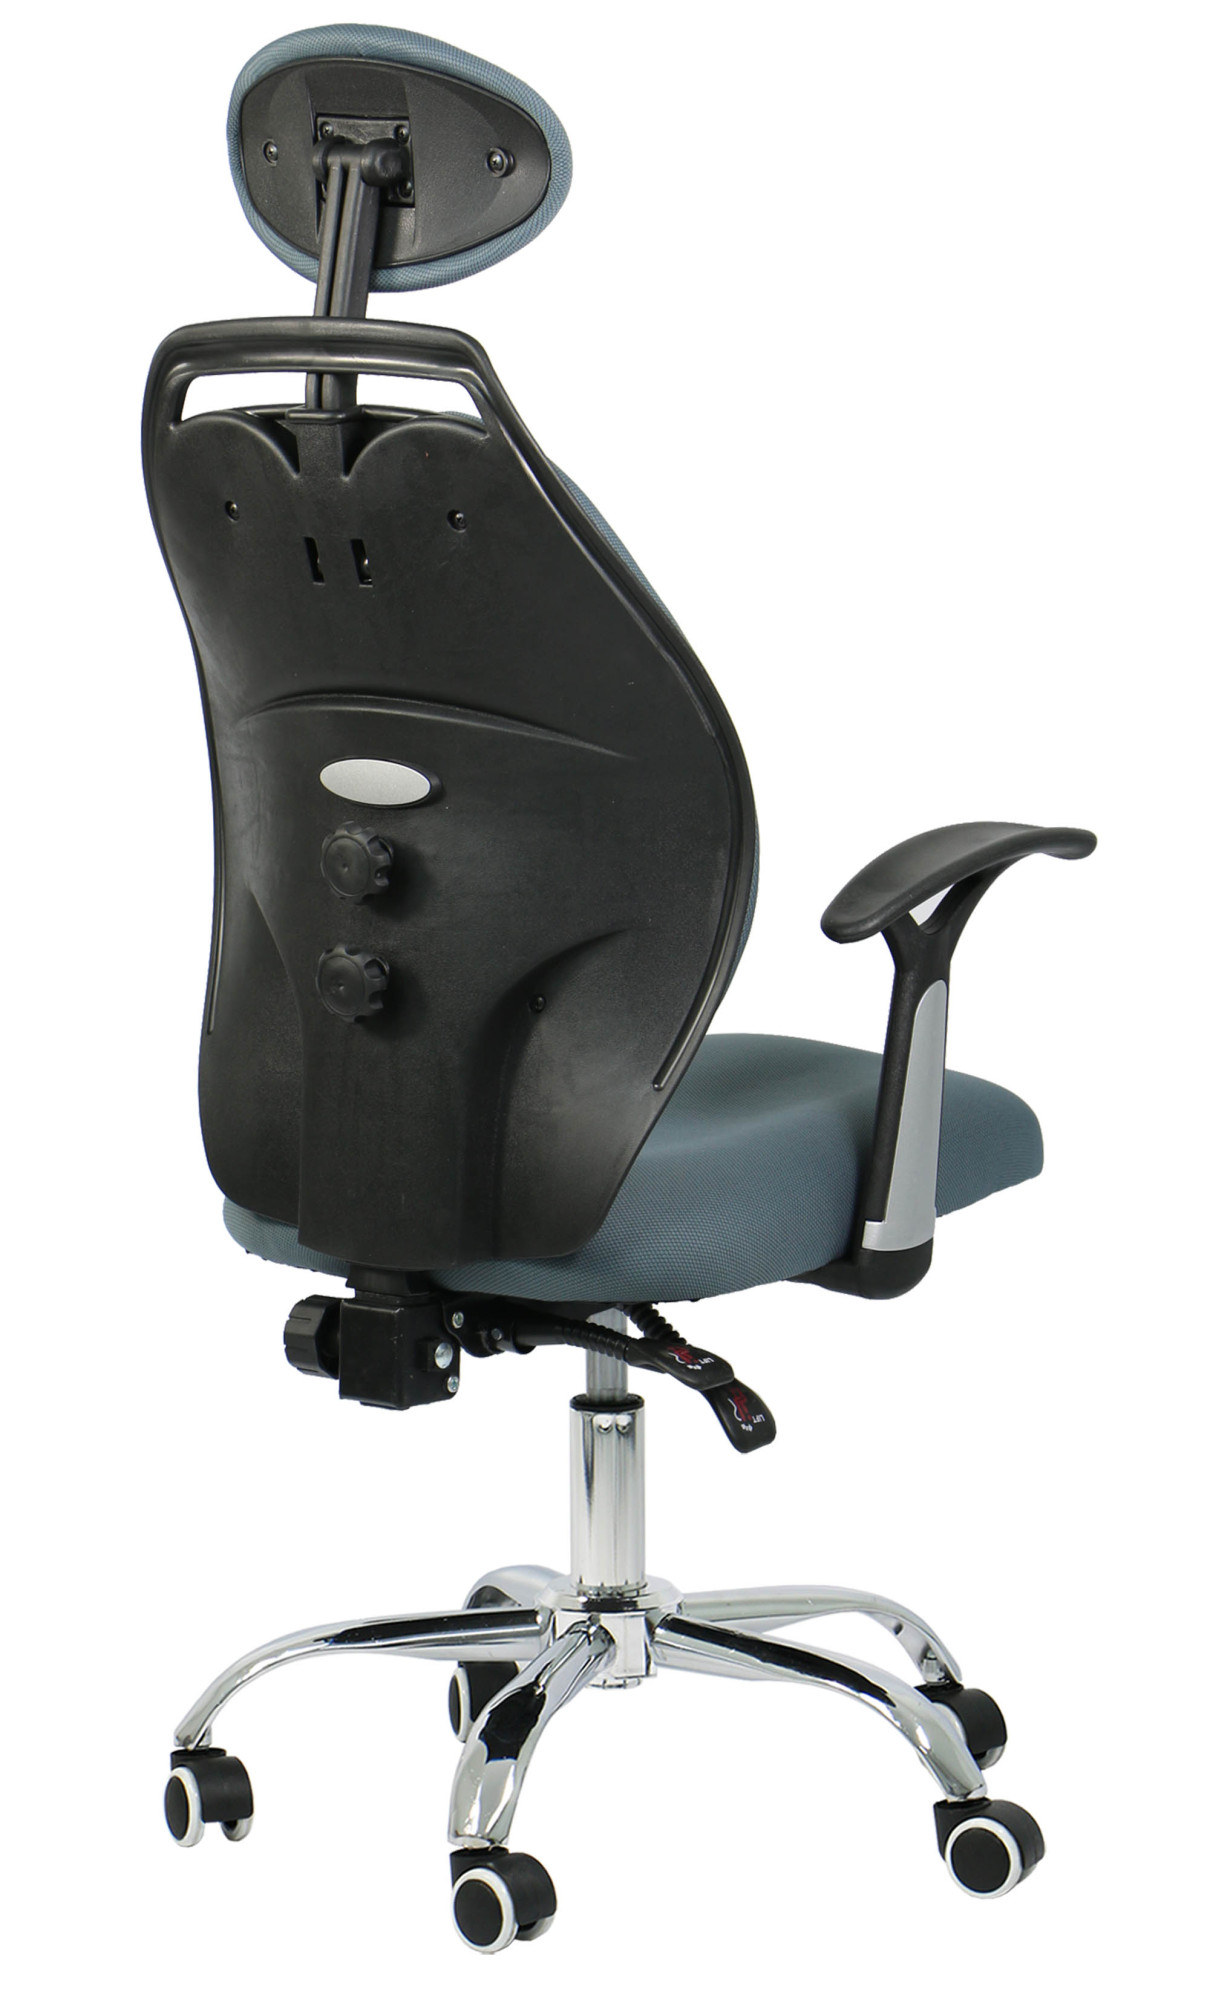 Strelley Executive Chair Grey Furniture & Home Décor